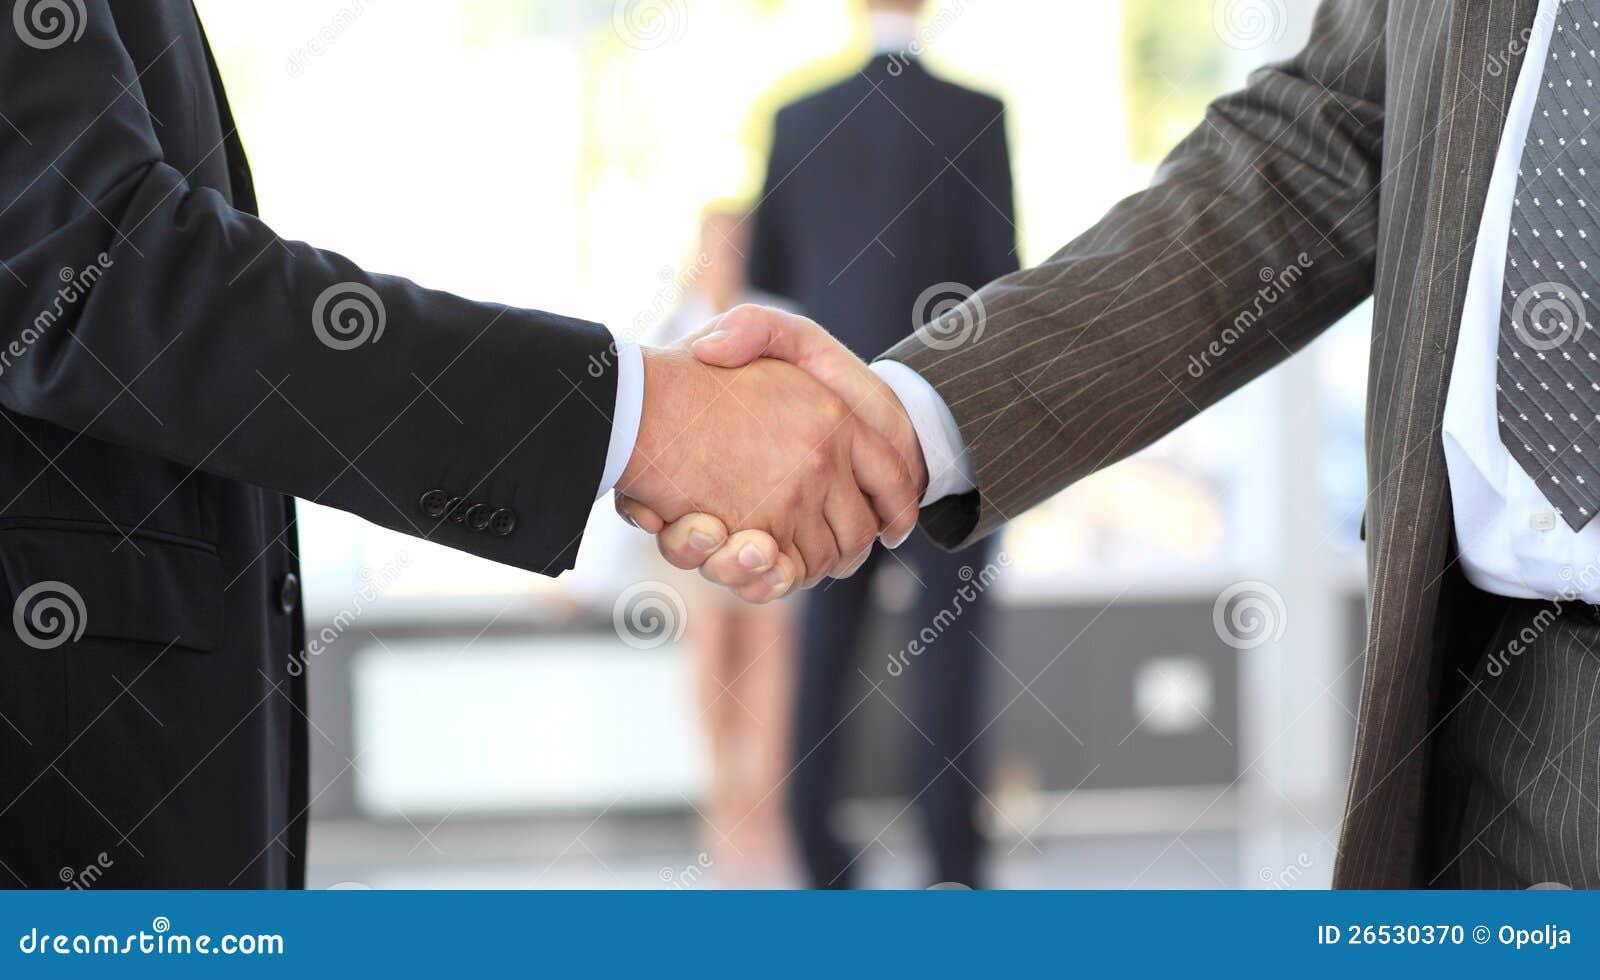 Affärsmän som stänger avtal. handskakning